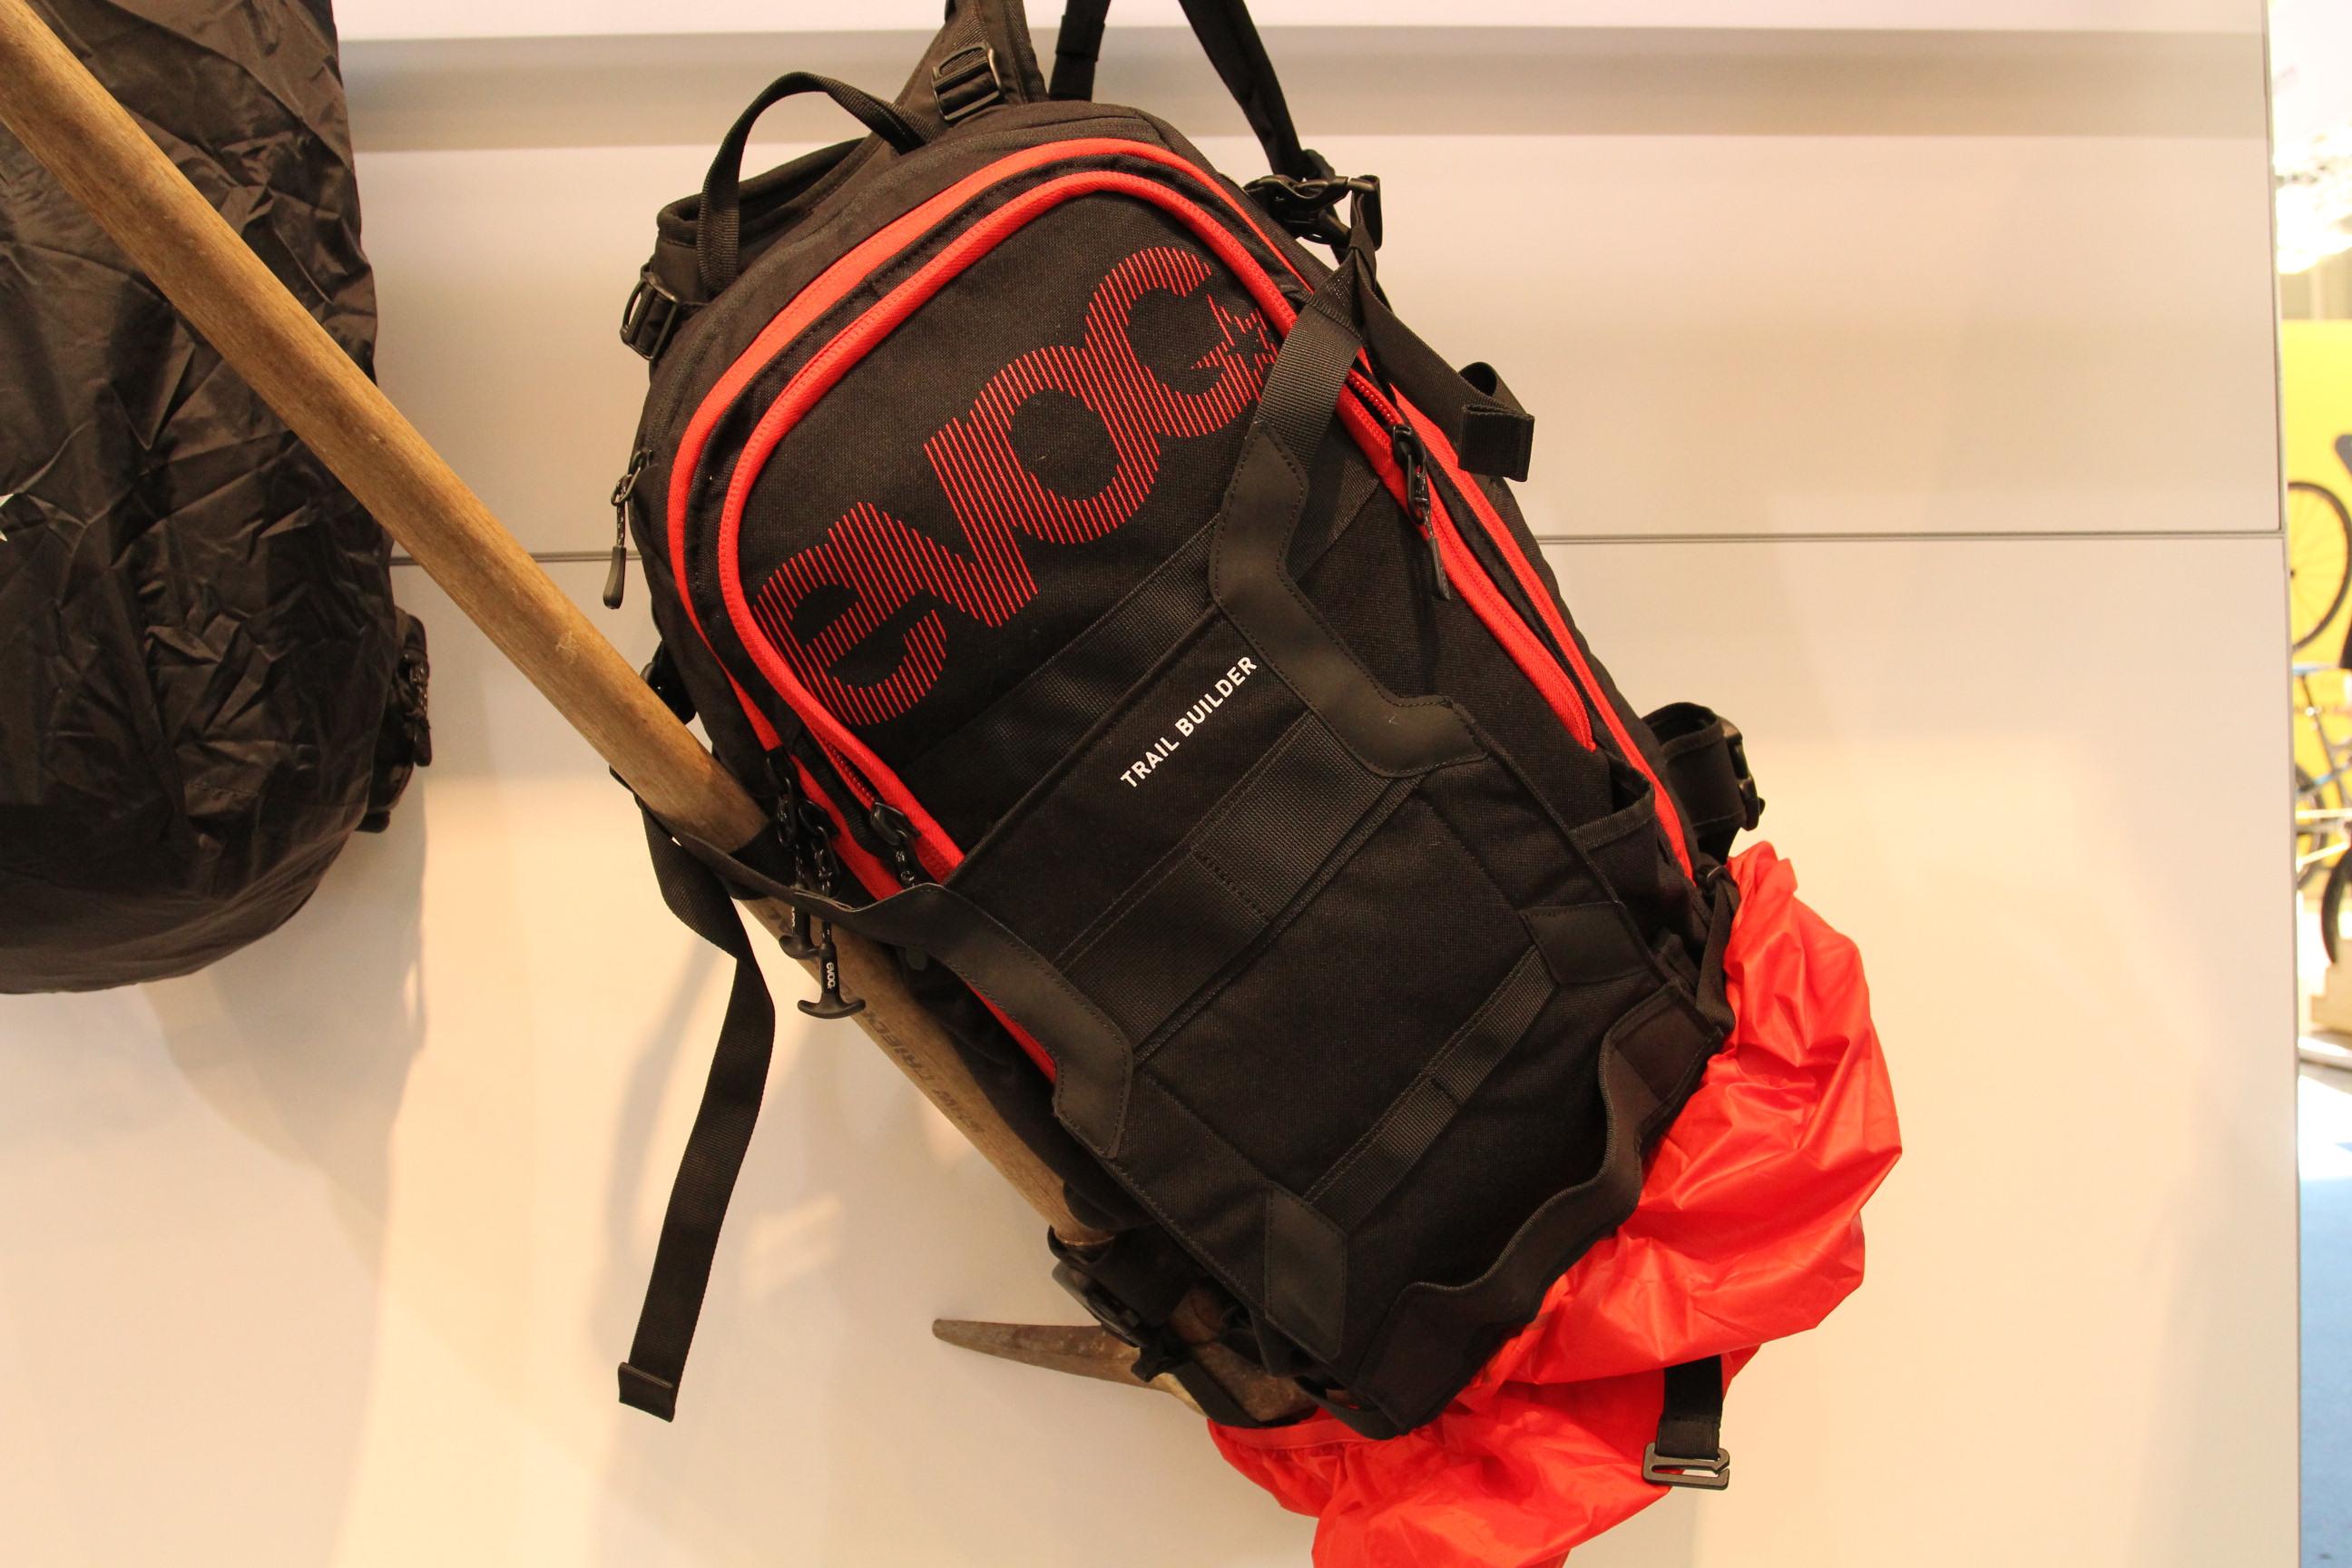 Mit dem Trailbuilder Rucksack hat man alles dabei: Hacke, Axt, Nägel, Hammer und sogar eine Befestigung für Kettensägen ist integriert.